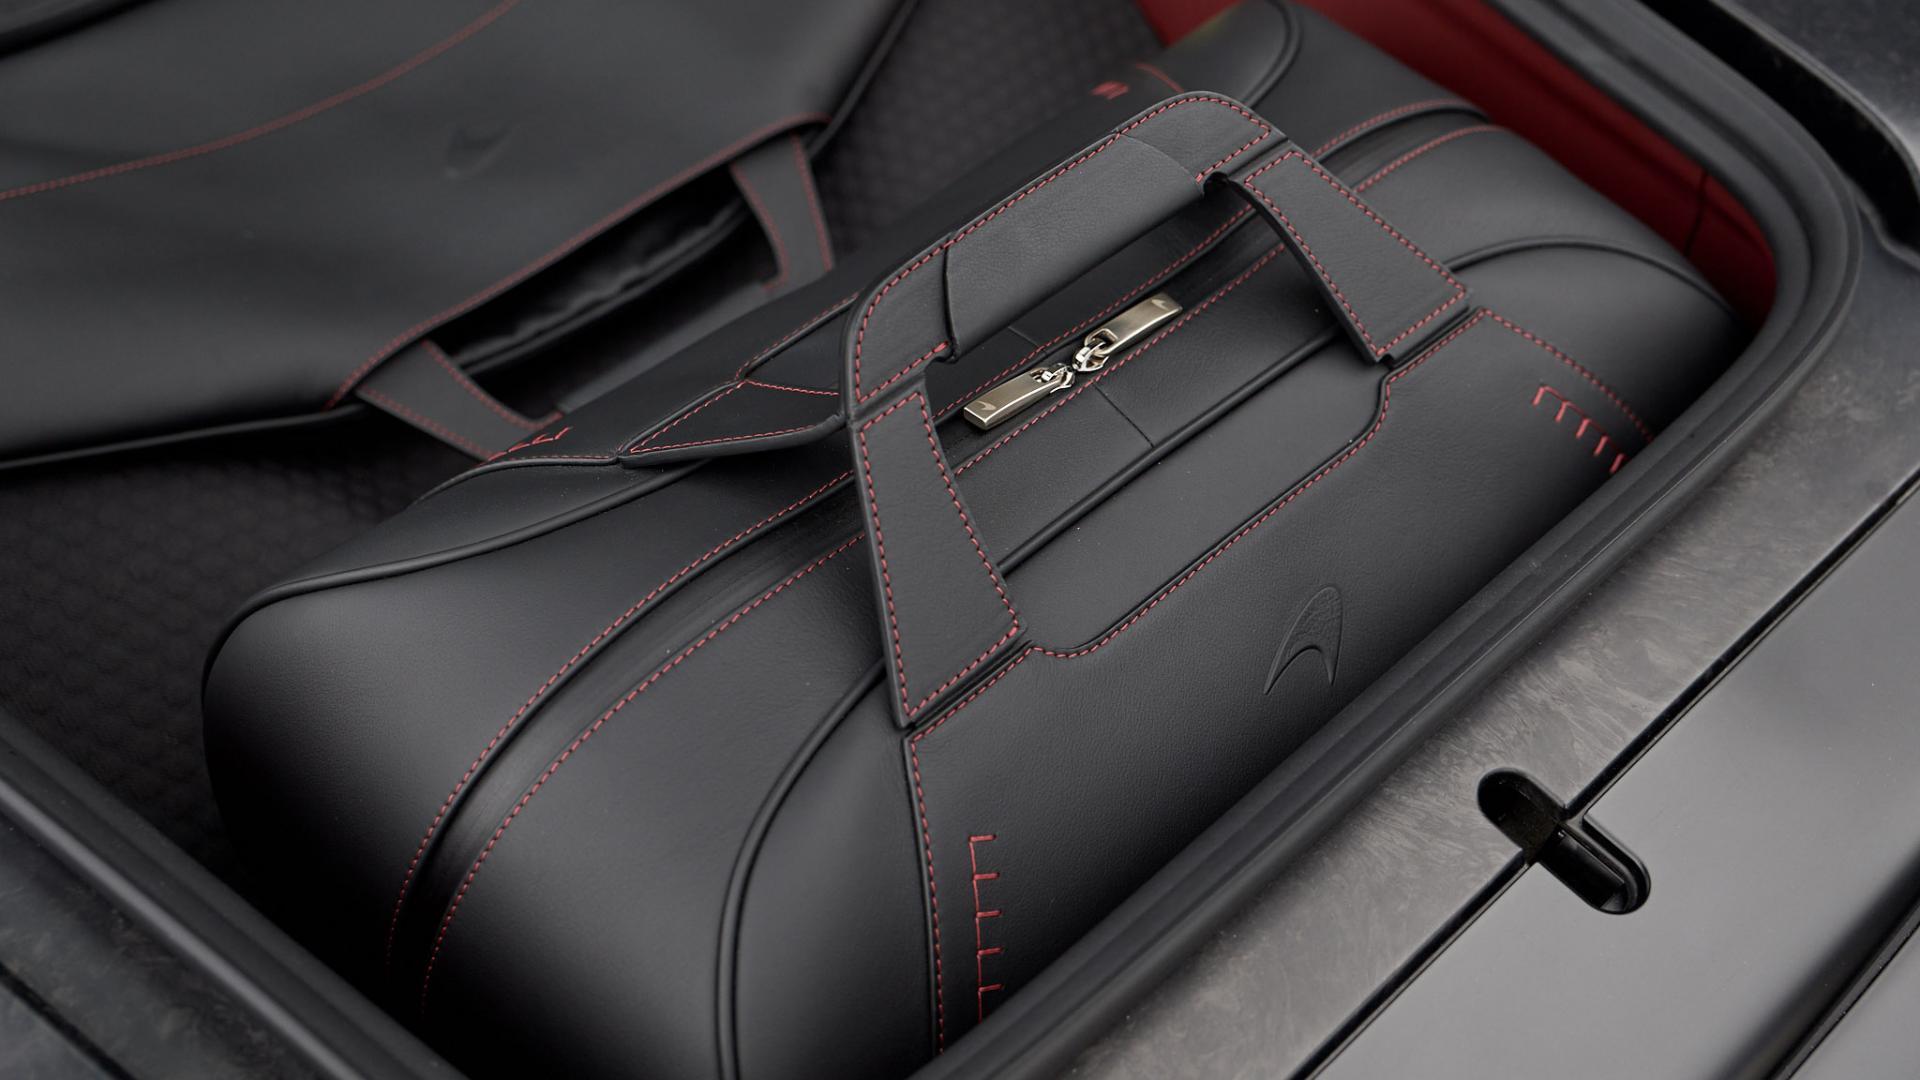 McLaren-bagageset